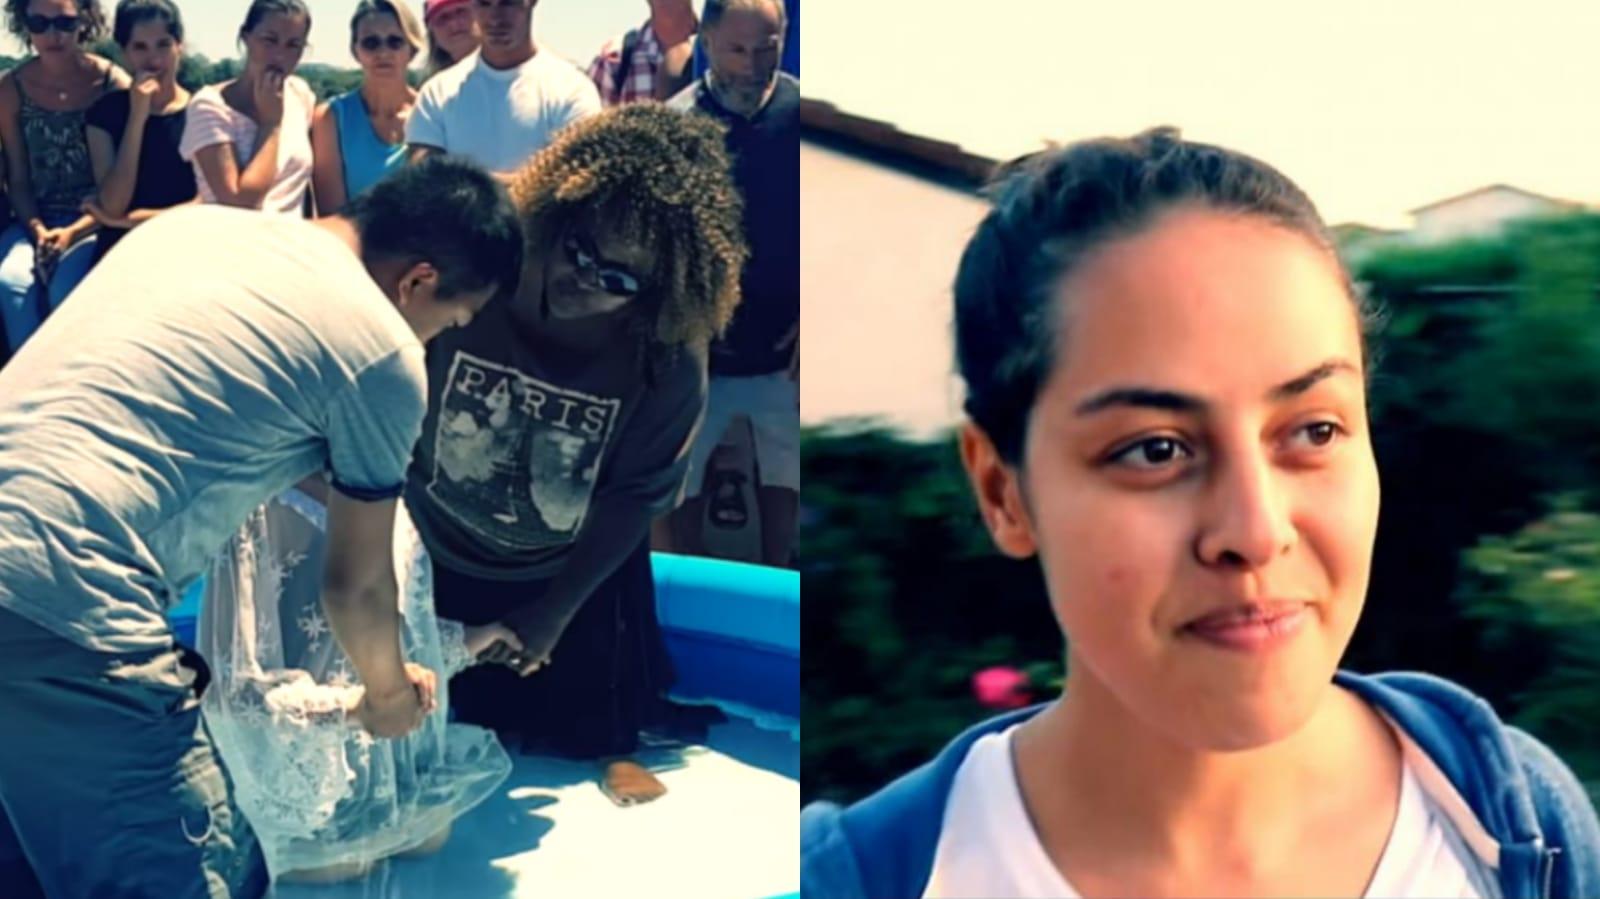 Jovem suicida que entraria no Estado Islâmico conhece Jesus e é batizada